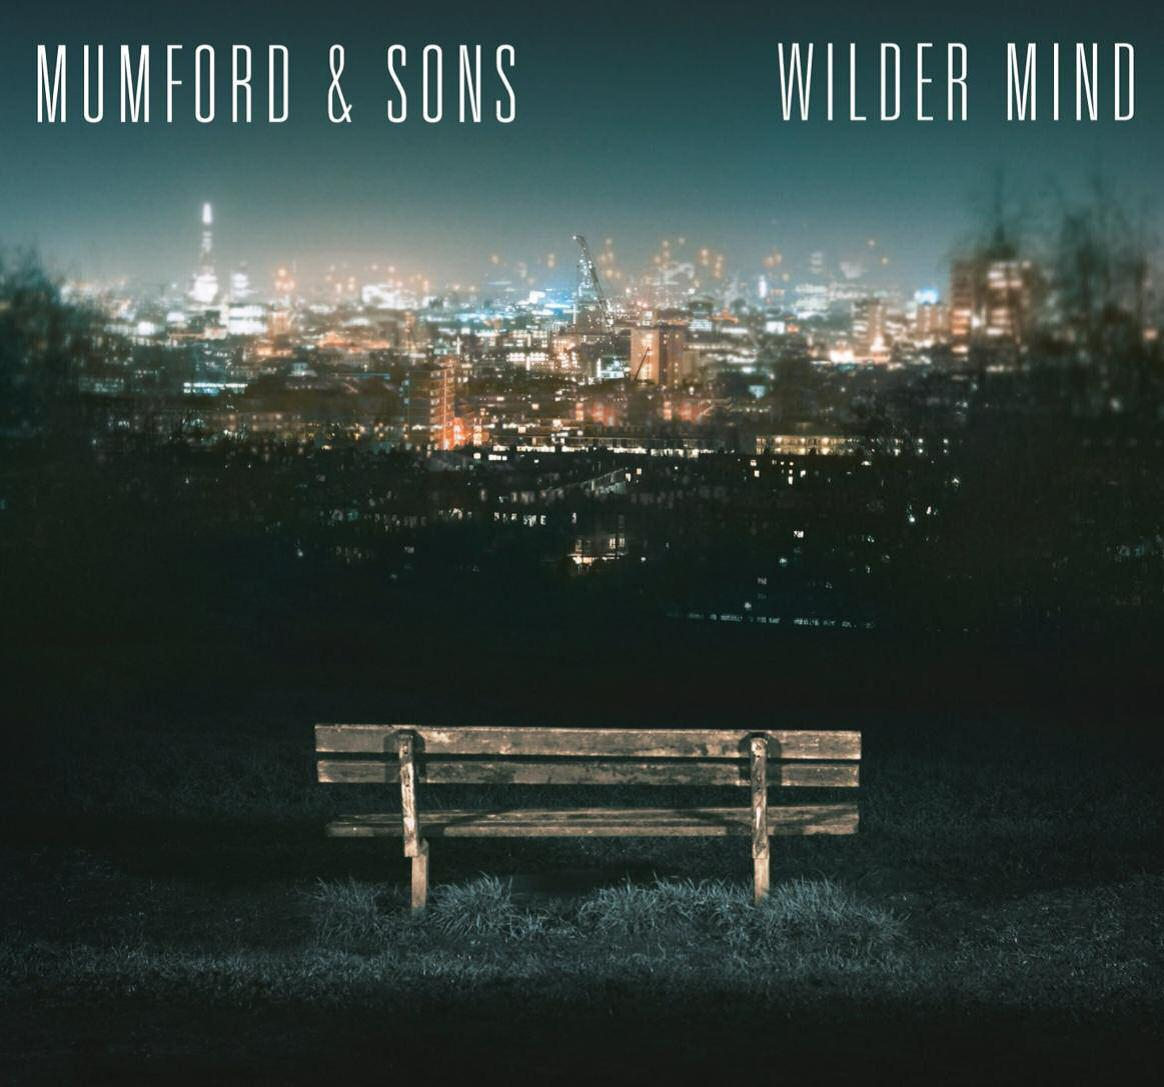 WILDER MIND - MUMFORD & SONS - CD -